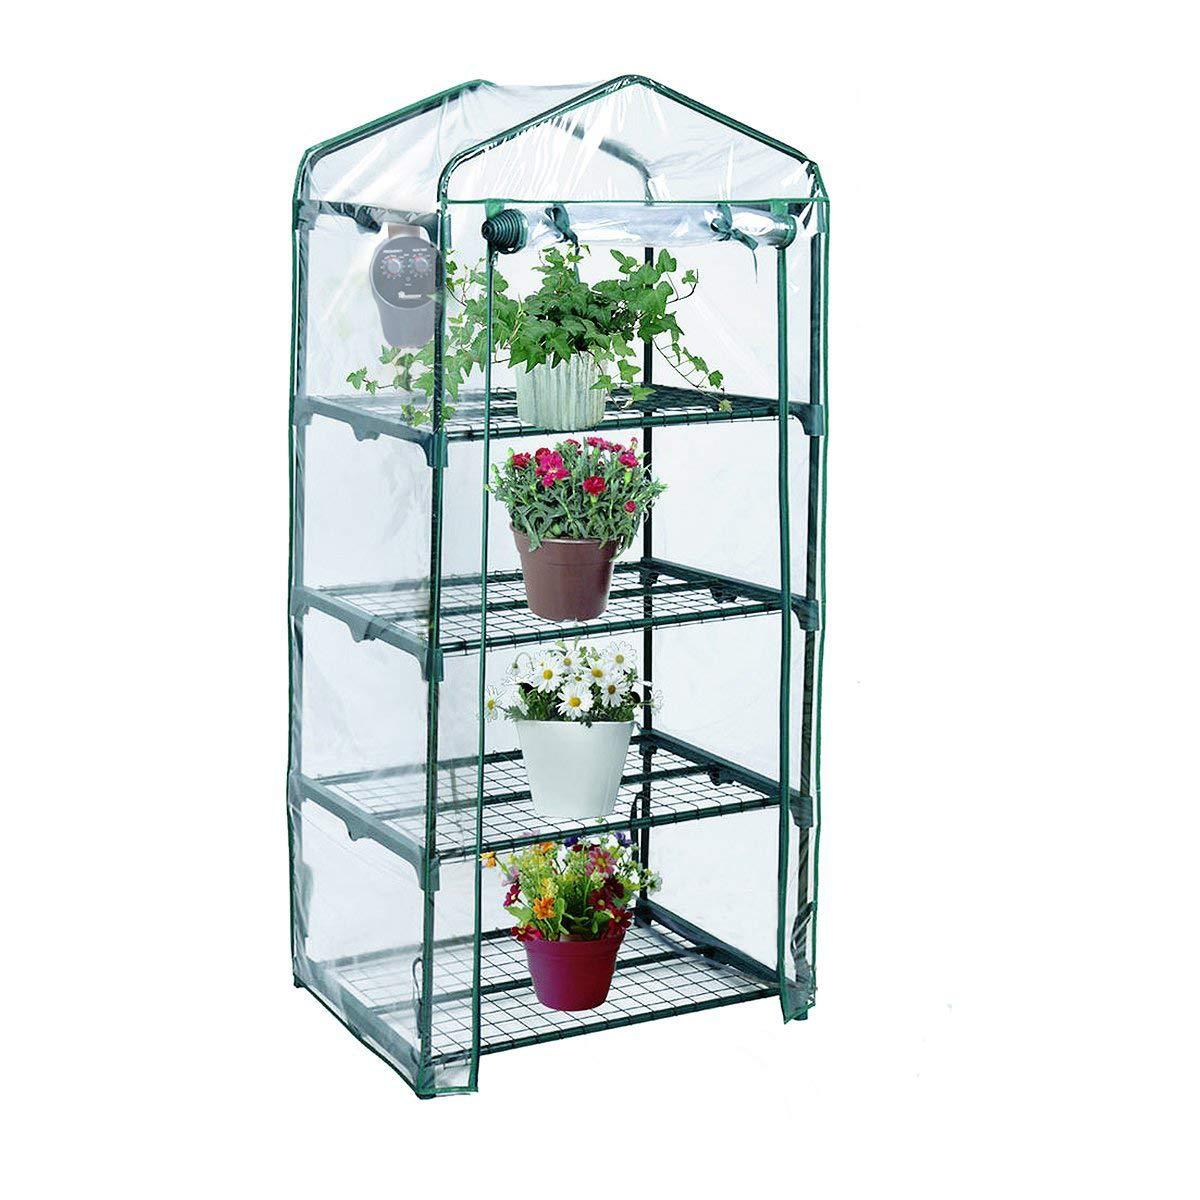 Yardeen 4 Tier Mini Greenhouse Rack Stands Portable Garden for Outdoor & Indoor by Yardeen (Image #1)